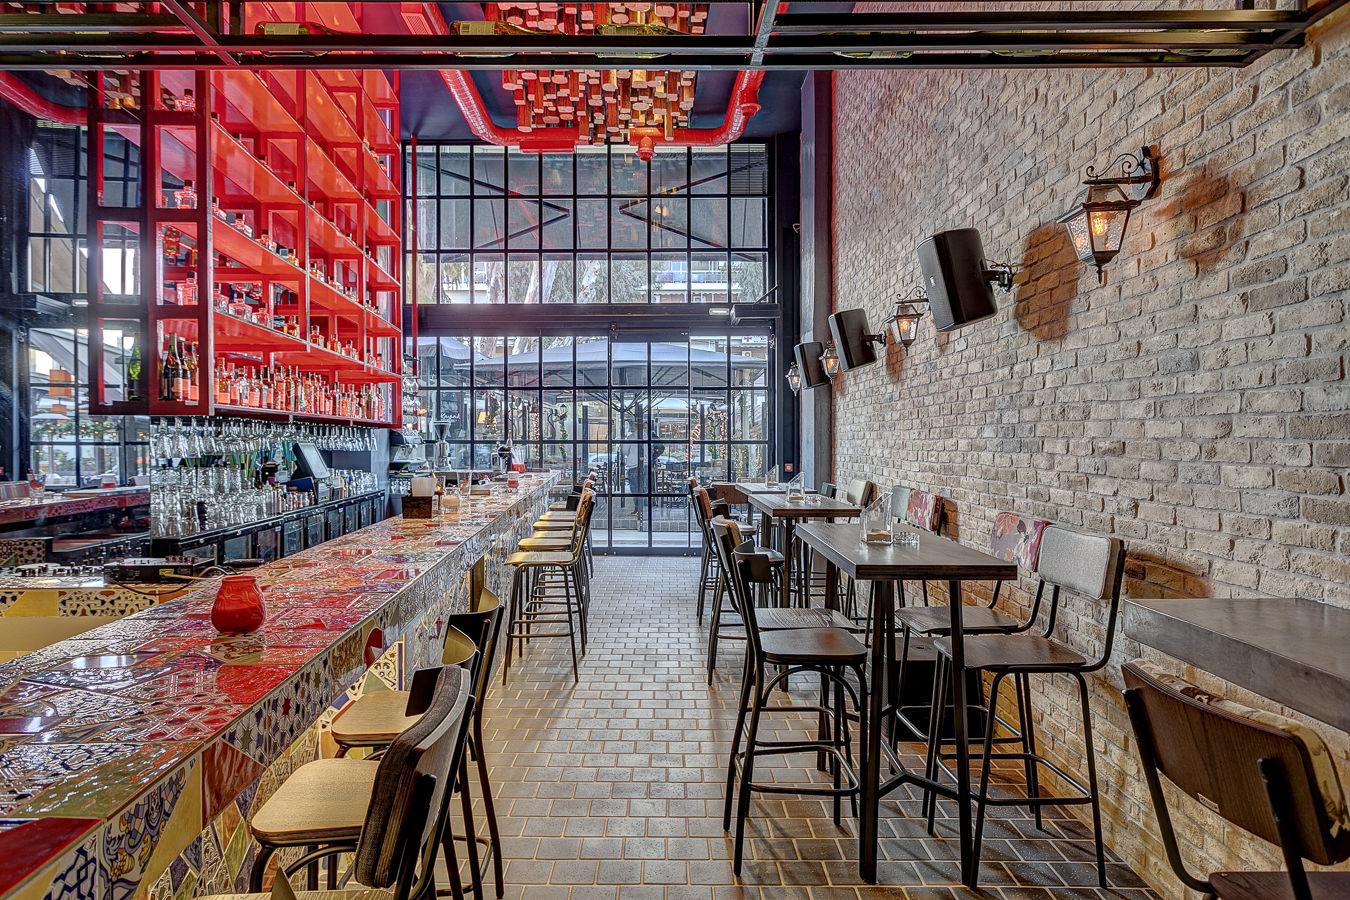 LA BARACA, Γιώργος Φάκαρος - Αρχιτεκτονική Φωτογραφία | Εσωτερικοί Χώροι | Φωτογραφία Ξενοδοχειών - Photography / Φωτογραφία